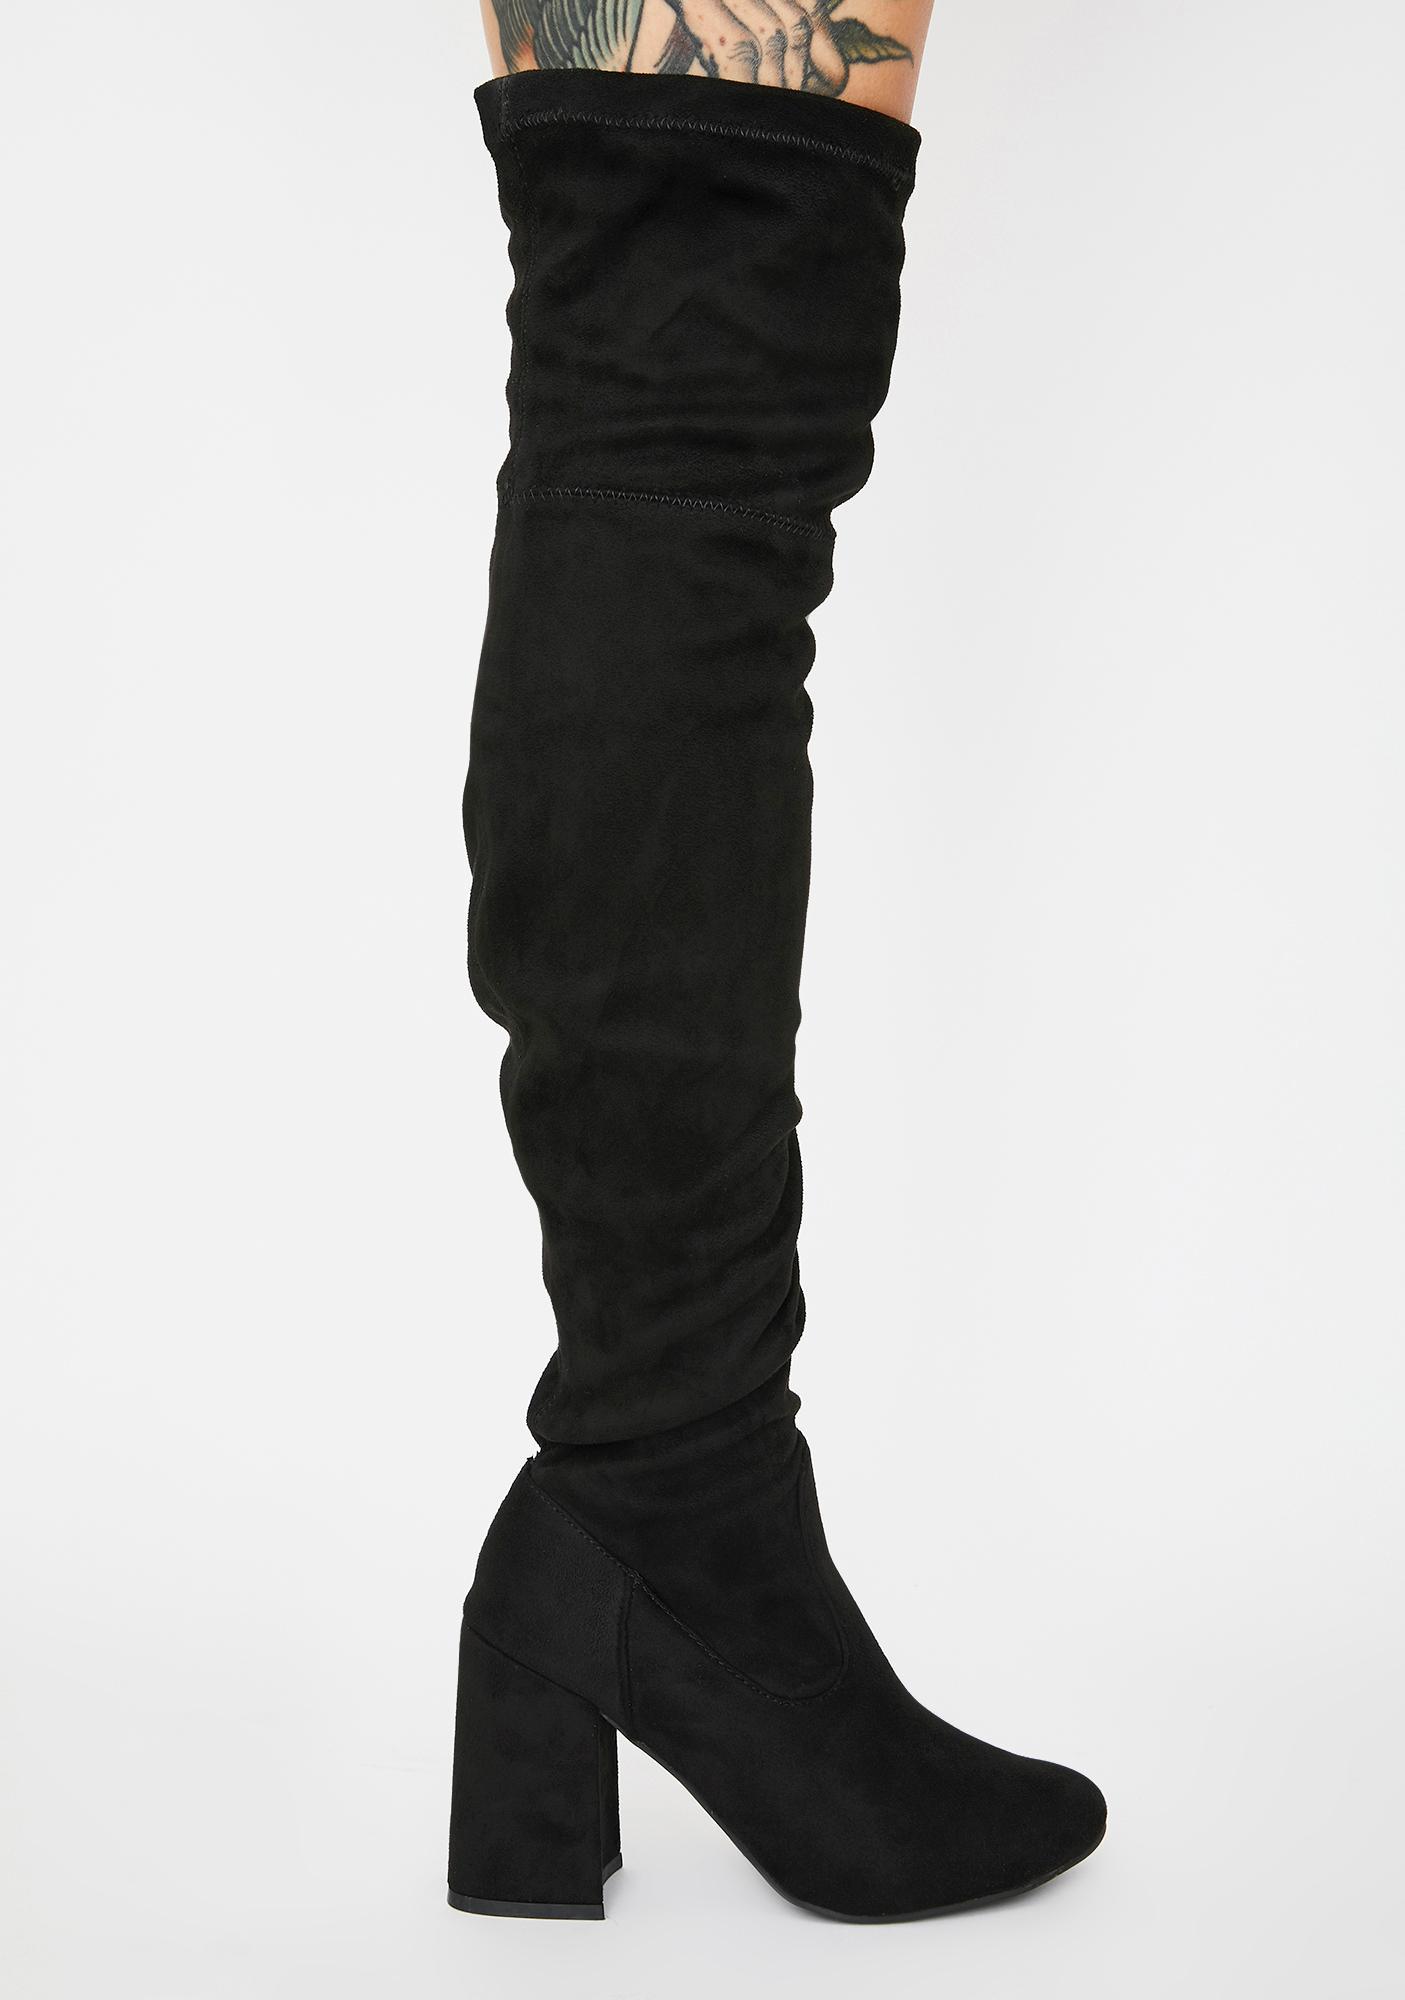 Baddie Bae Thigh High Boots